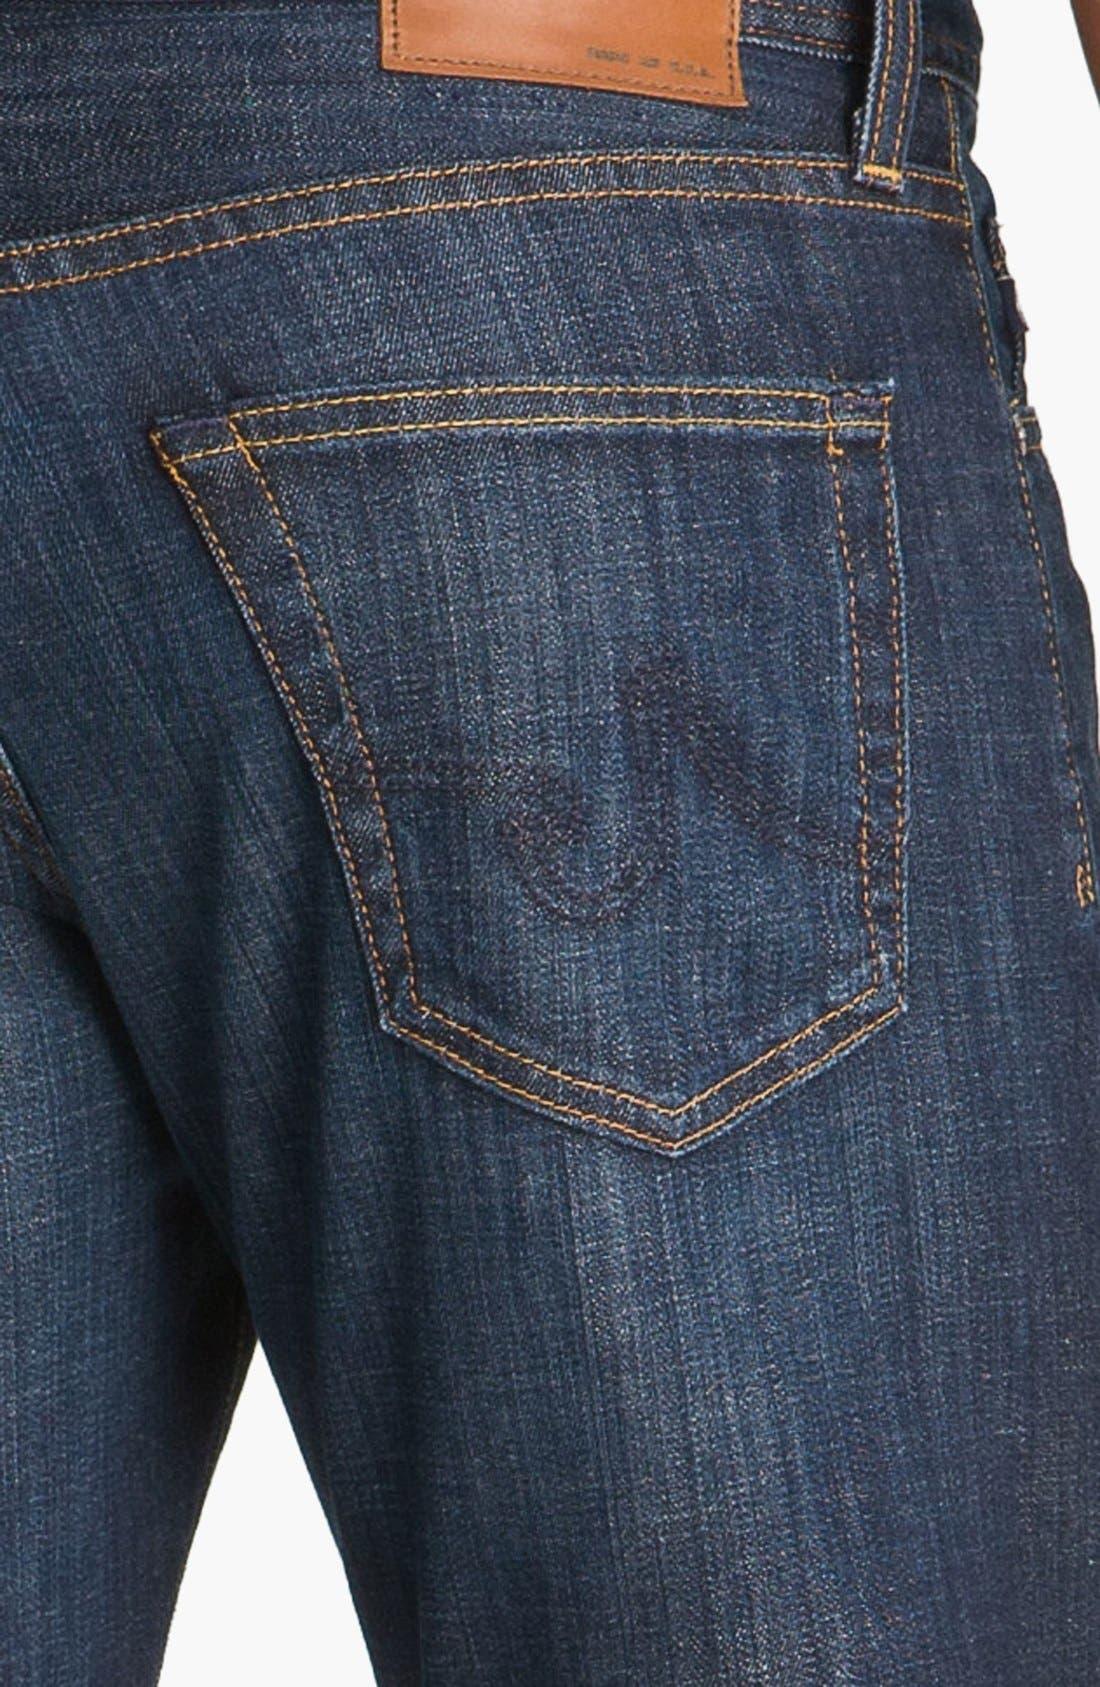 Protégé Straight Leg Jeans,                             Alternate thumbnail 7, color,                             HUNTS WASH